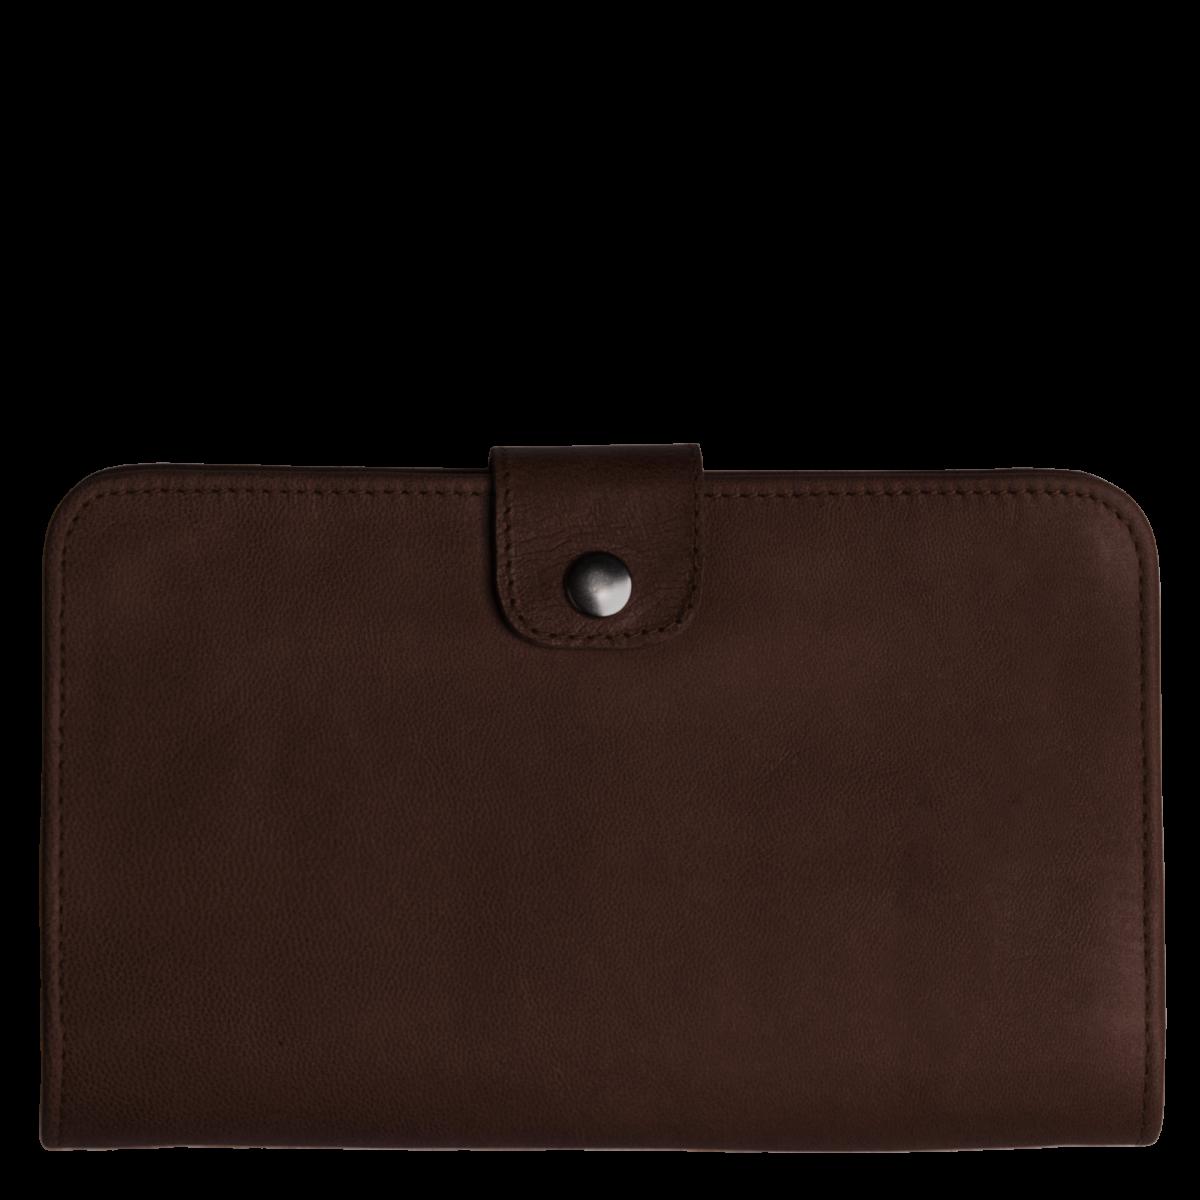 e6eef340ed1 Leren tassen, leren portemonnees & meer leer | GM Z Collection - gmz ...